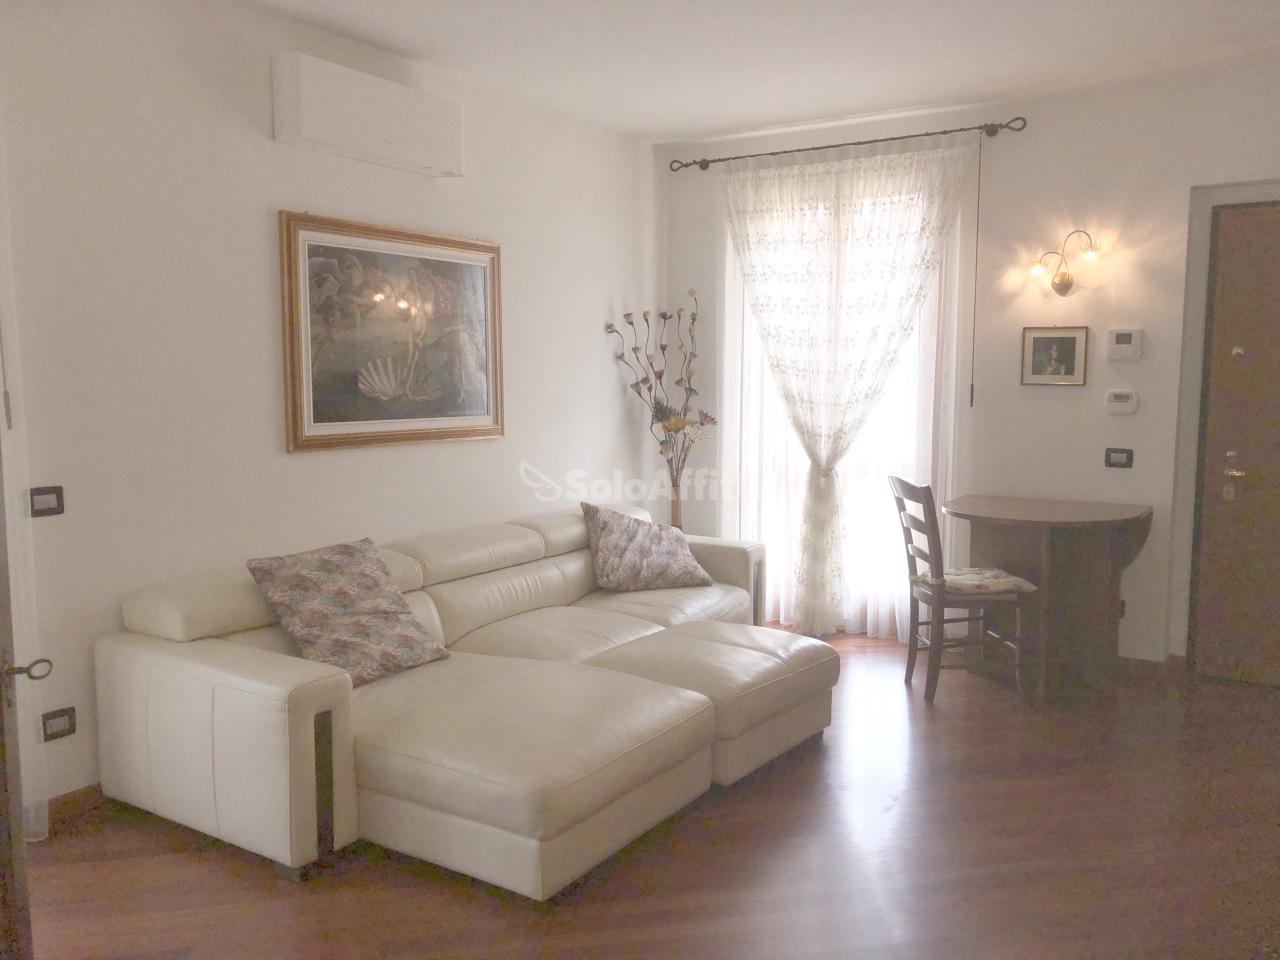 Appartamento in affitto a Calusco d'Adda, 2 locali, Trattative riservate | PortaleAgenzieImmobiliari.it